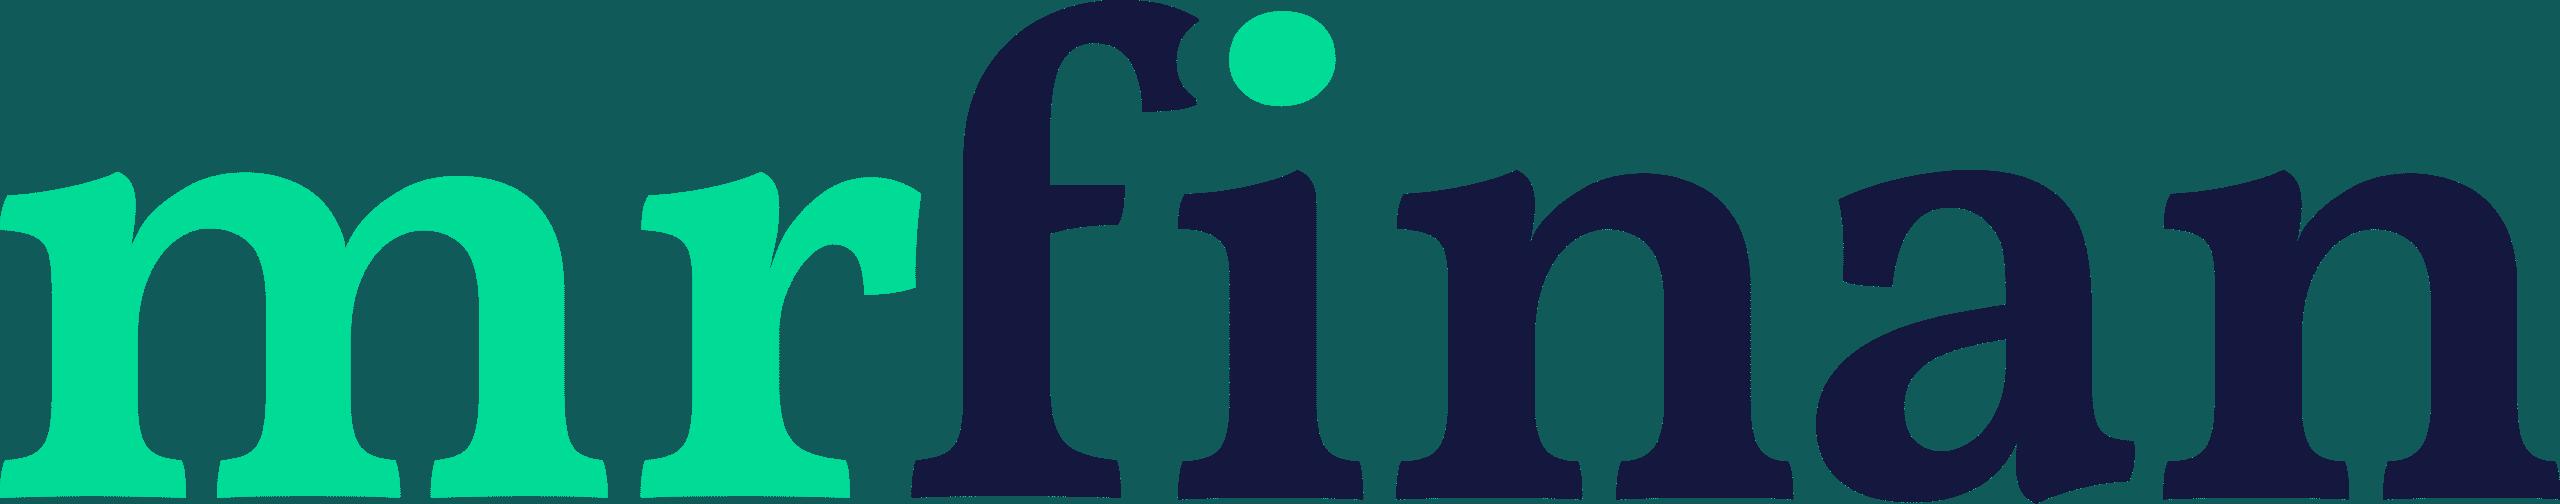 Mrfinan